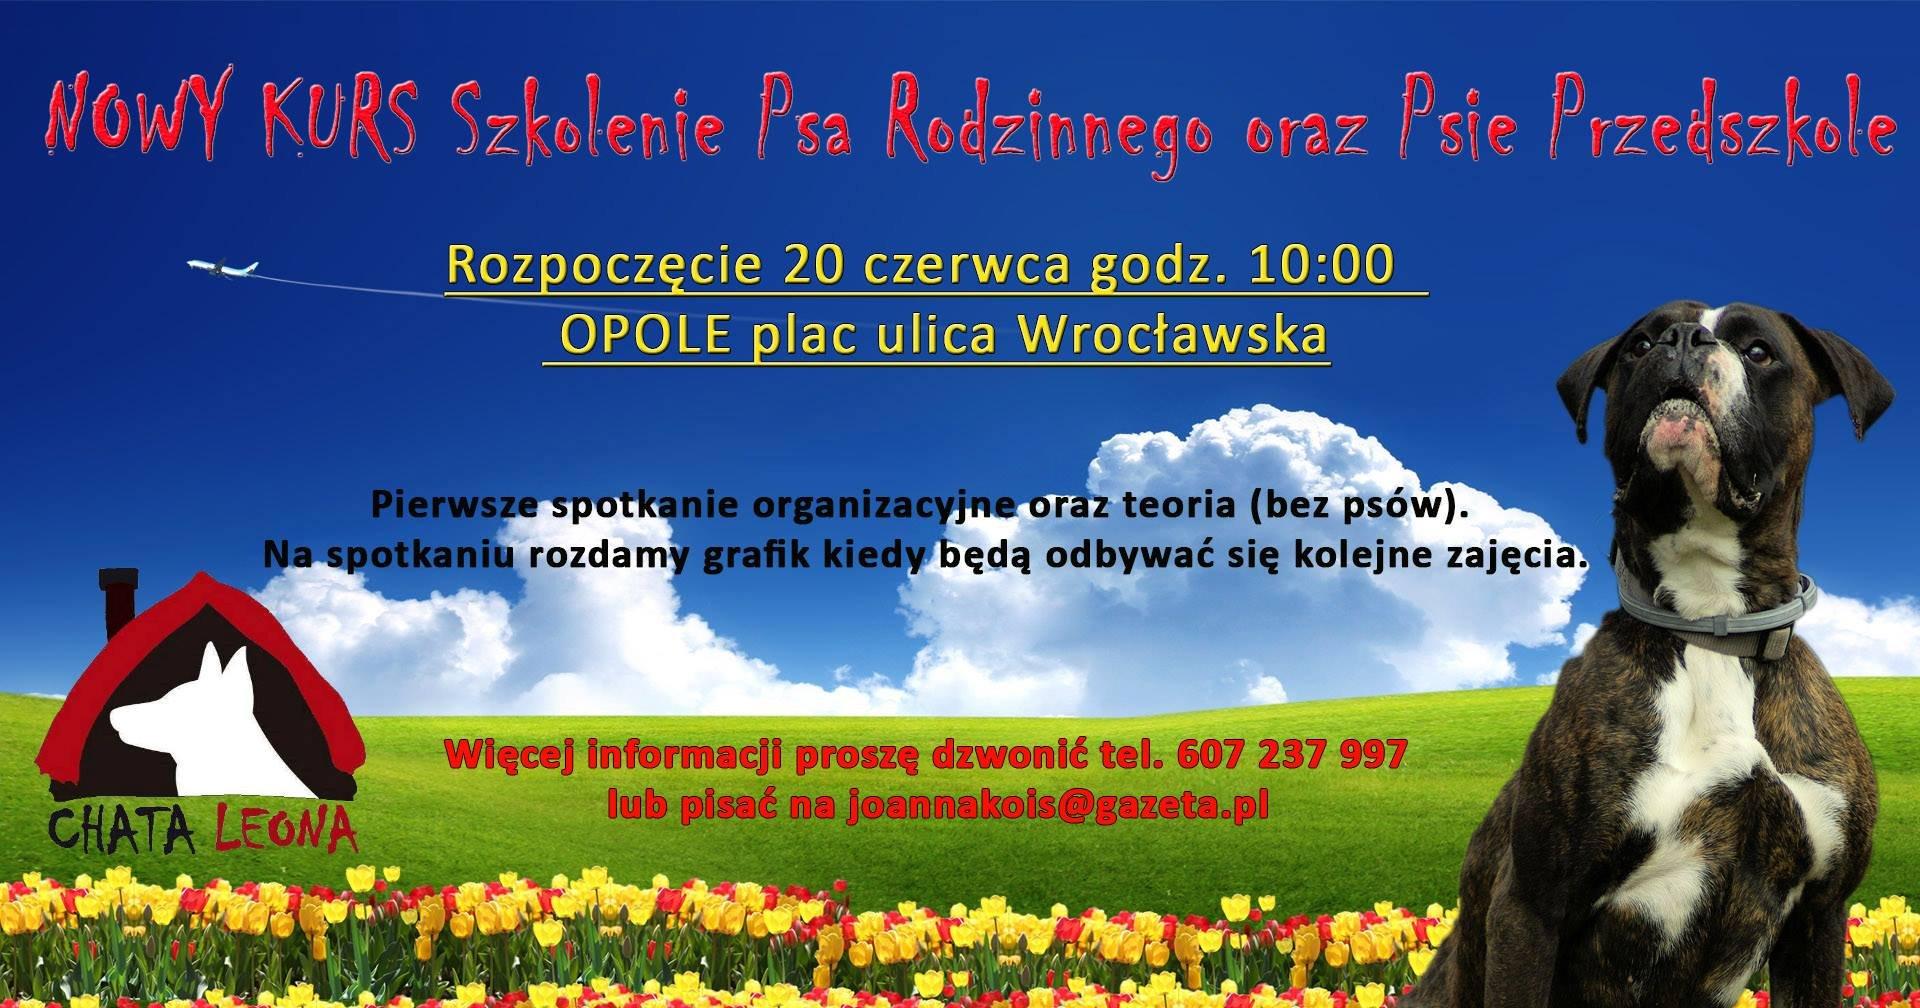 Szkolenie psów Opole